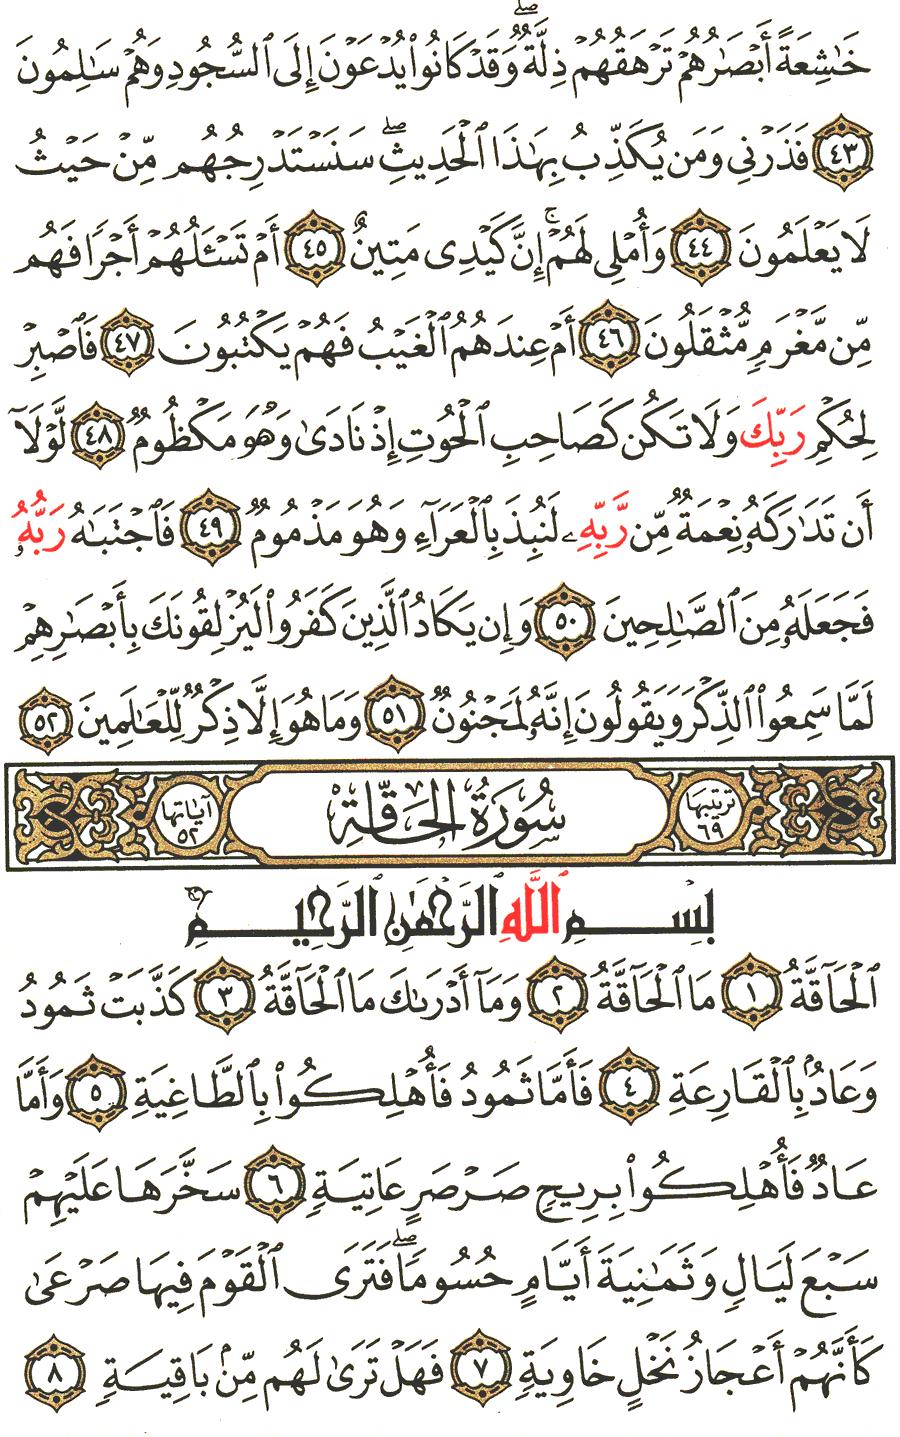 الصفحة رقم 566 من القرآن الكريم مكتوبة من المصحف